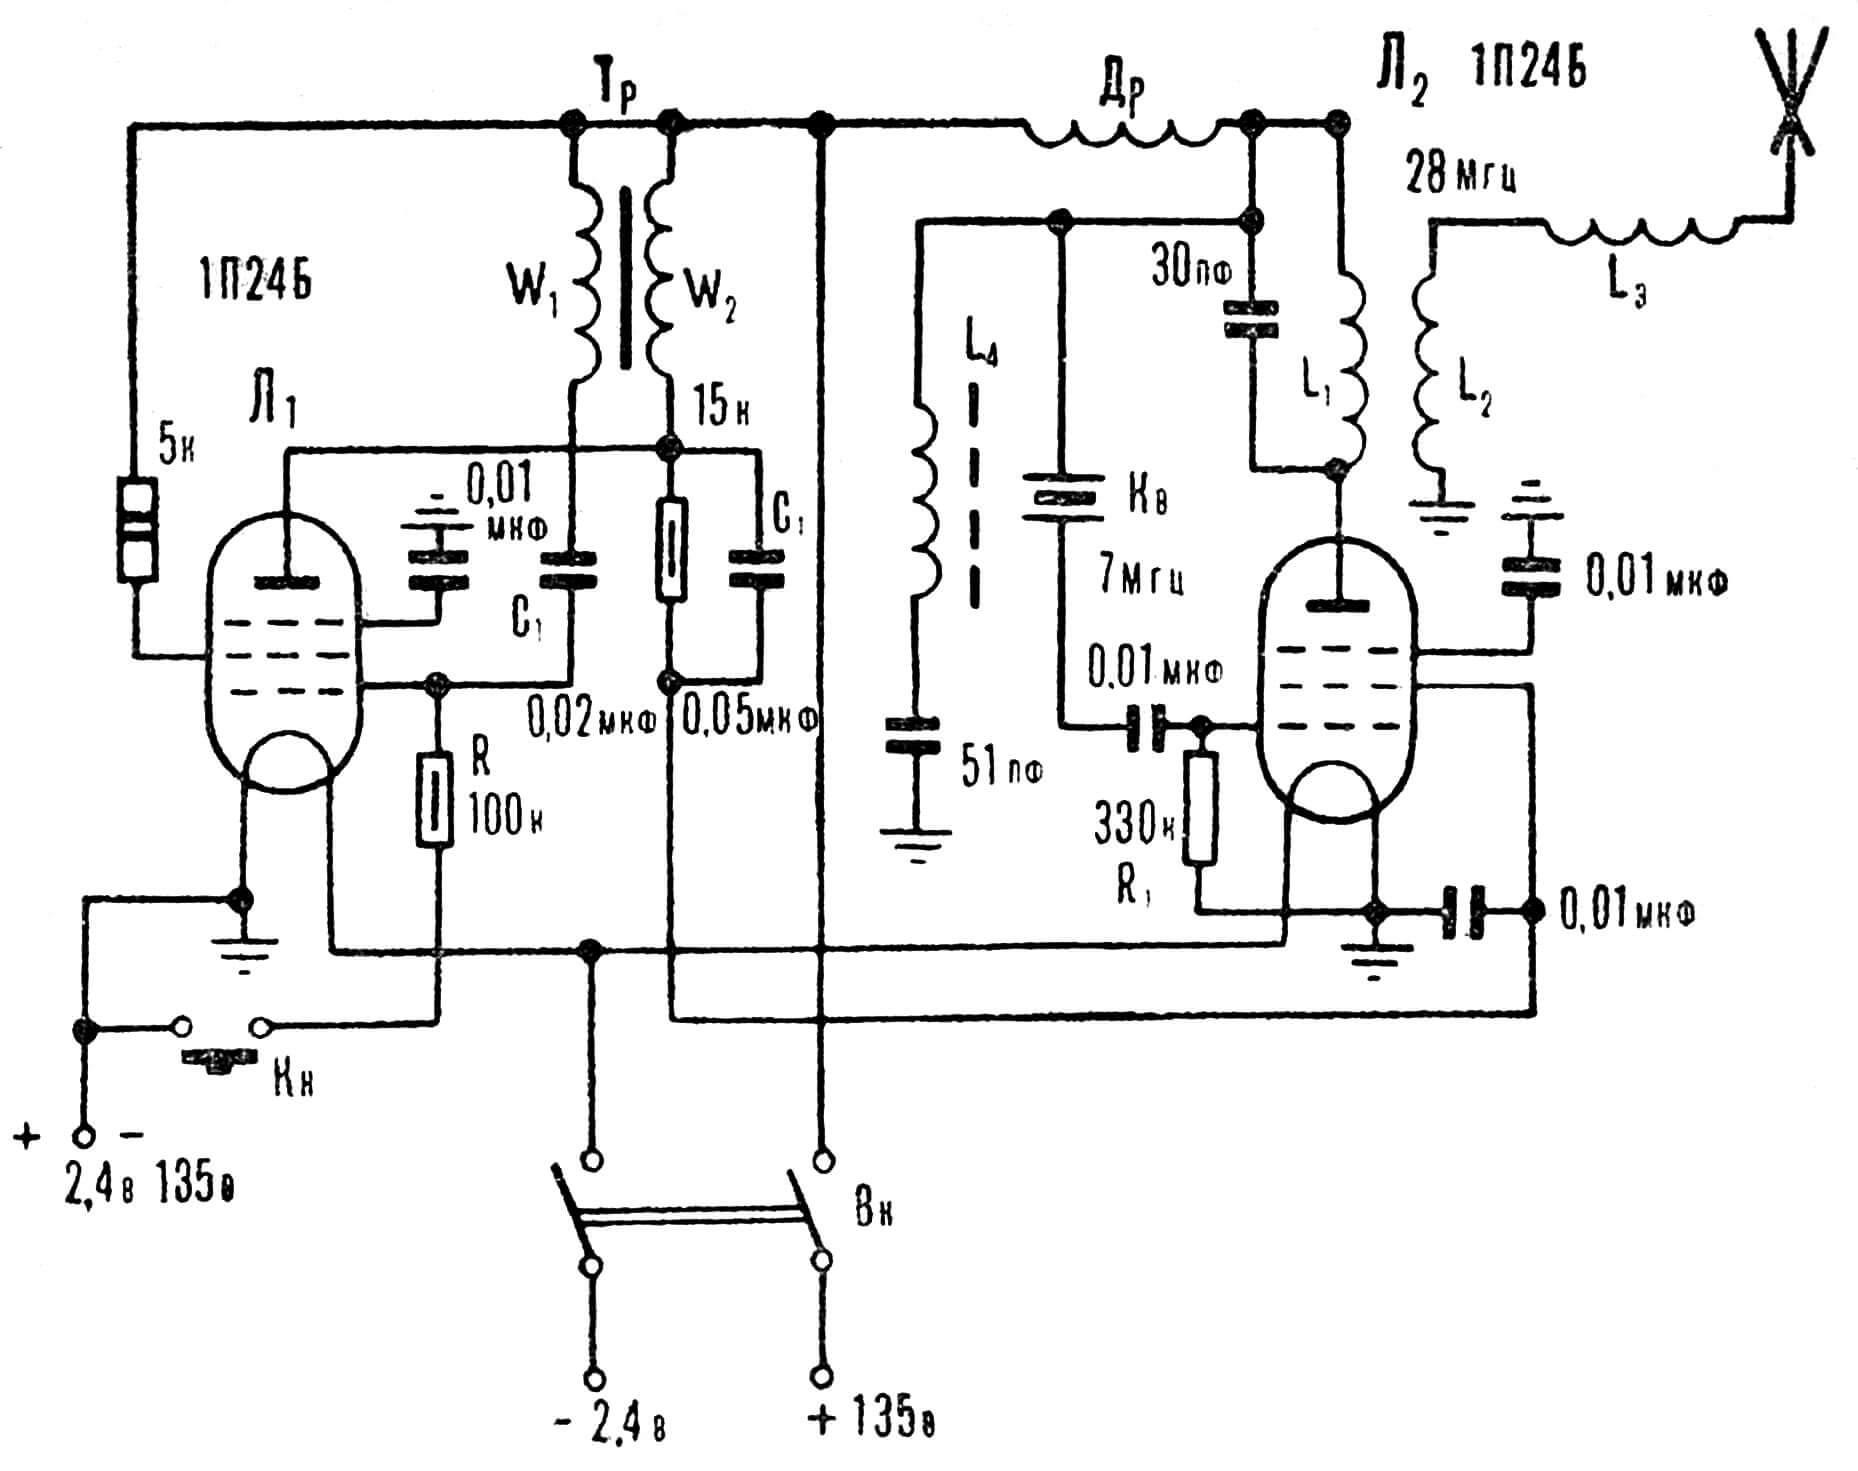 Рис. 4. Принципиальная электрическая схема передатчика.